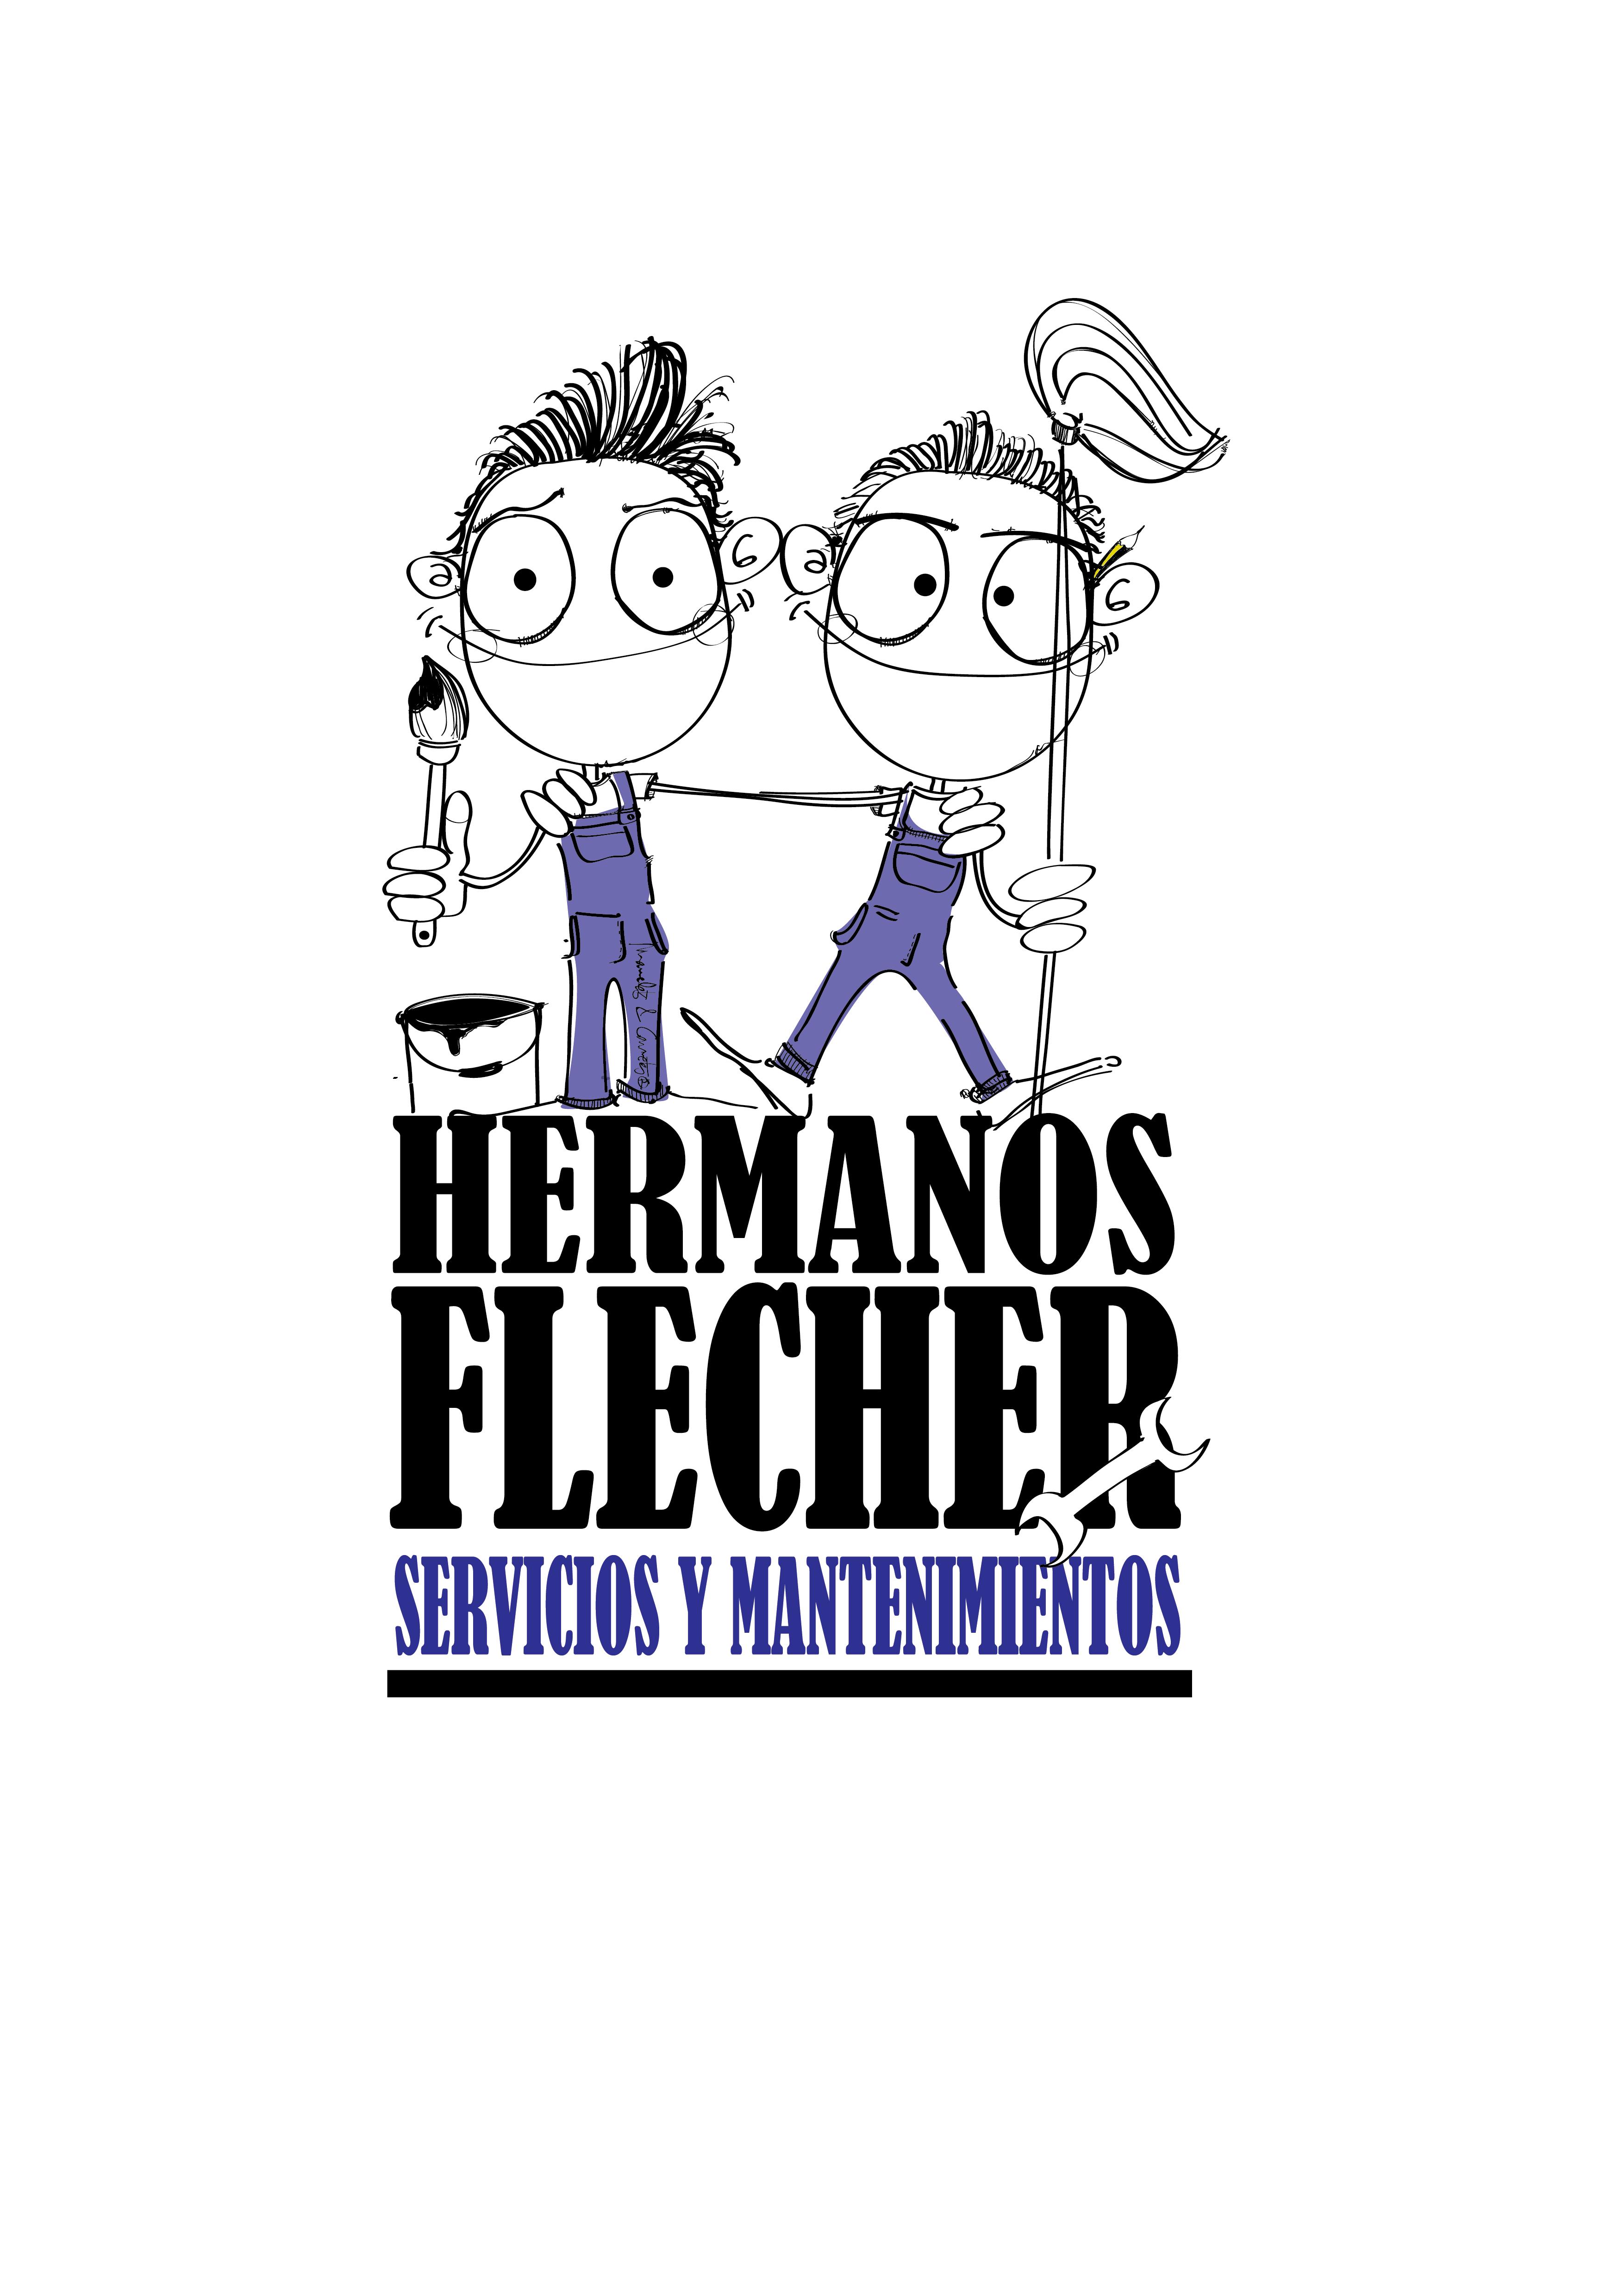 Hermanos Flecher servicios y mantenimientos